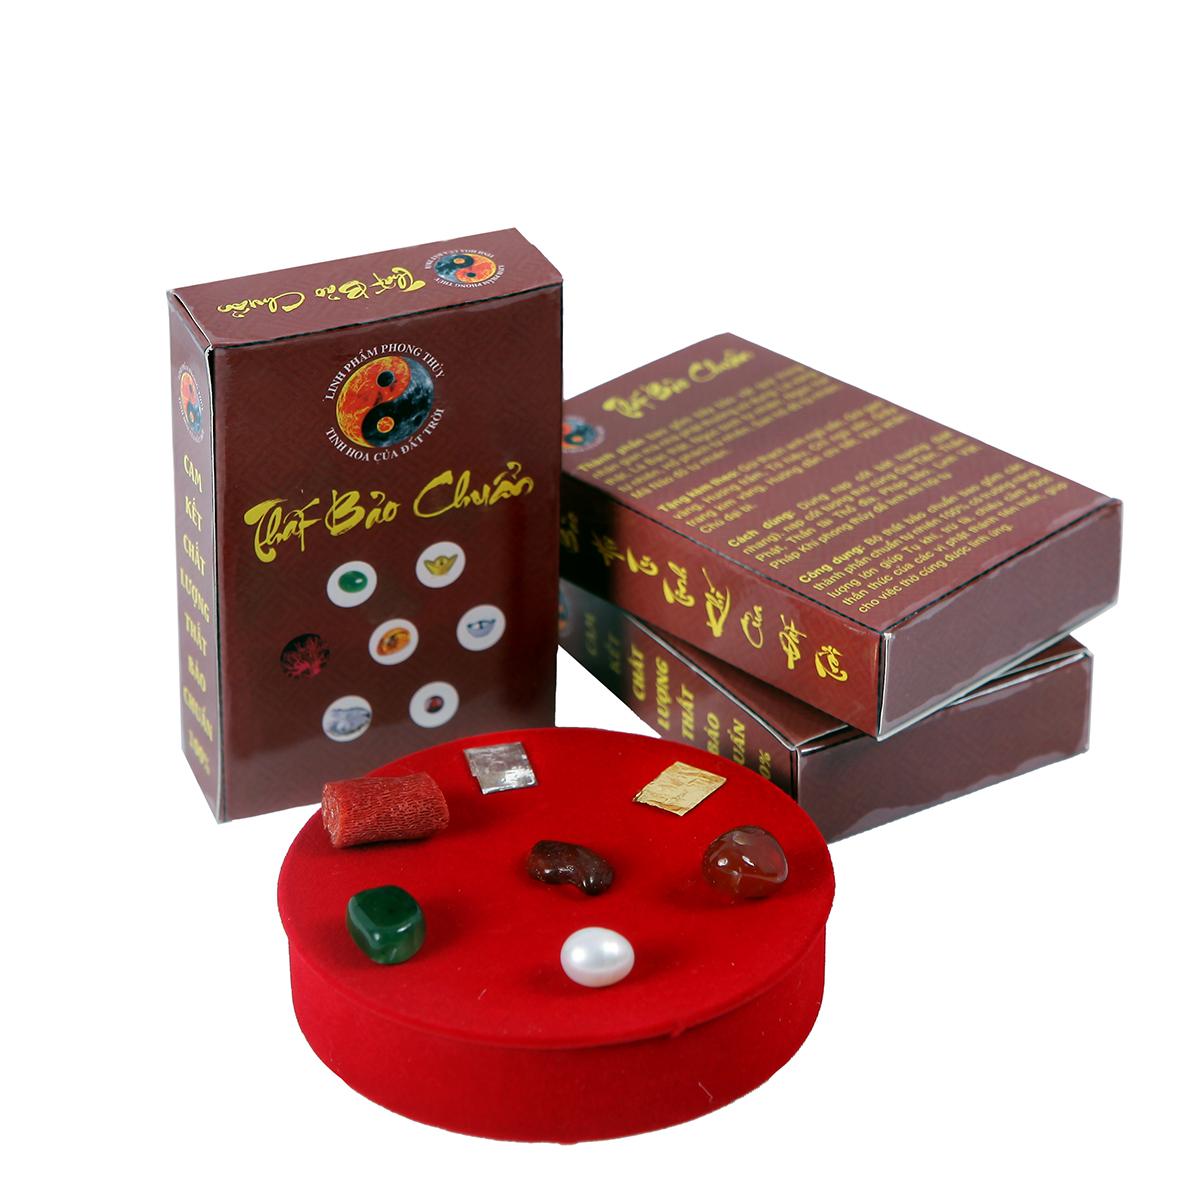 COMBO 2 - Bộ thất bảo, Cốt bát hương, cốt tượng chuẩn